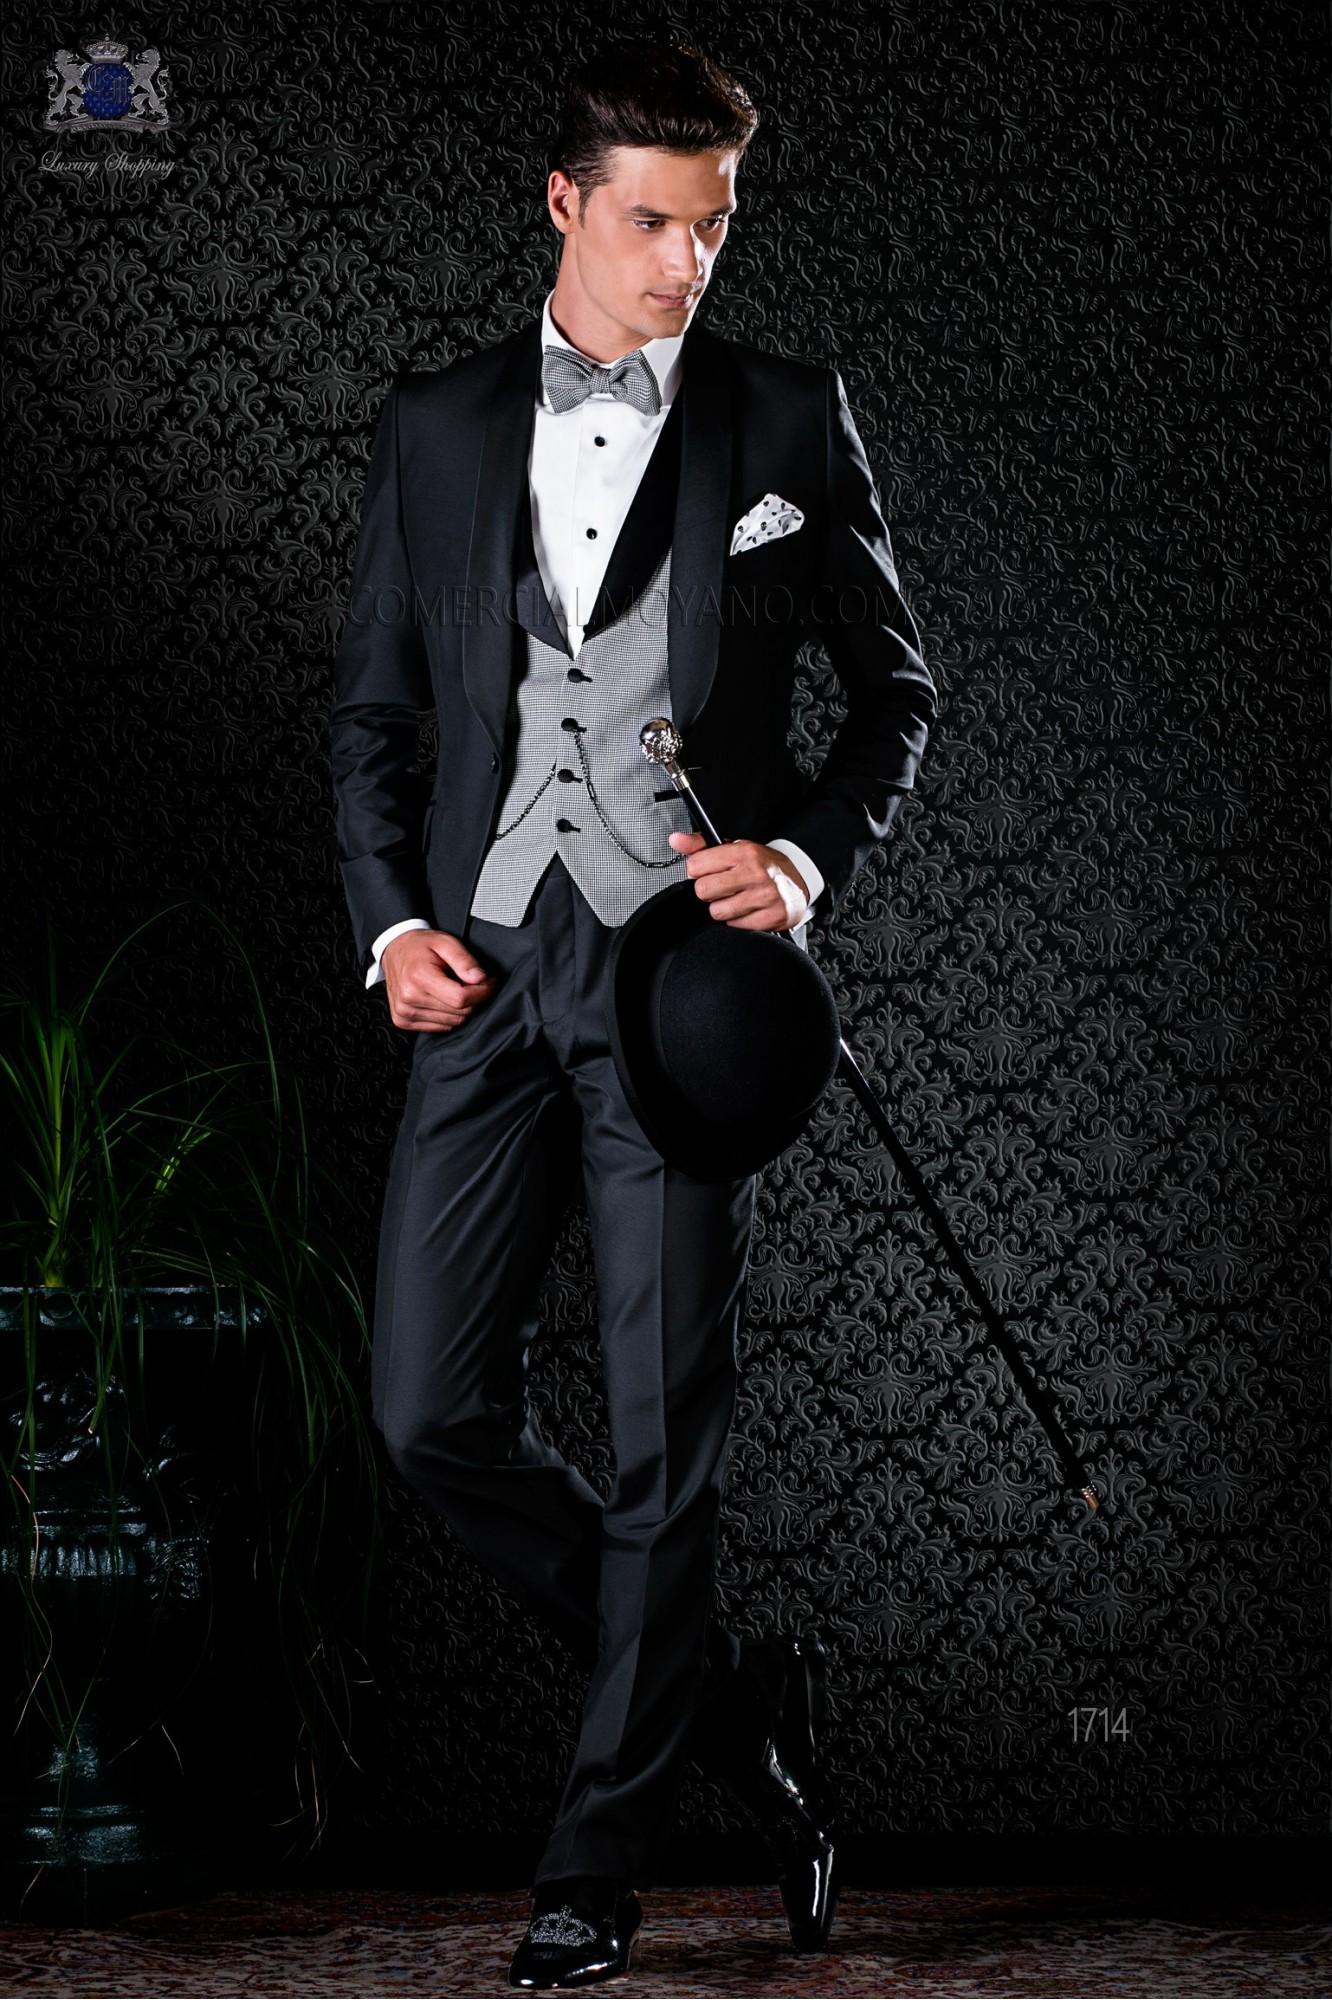 Esmoquin italiano negro corte slim con solapa chal y 1 botón en tejido mixto lana modelo: 1714 Ottavio Nuccio Gala colección Black Tie